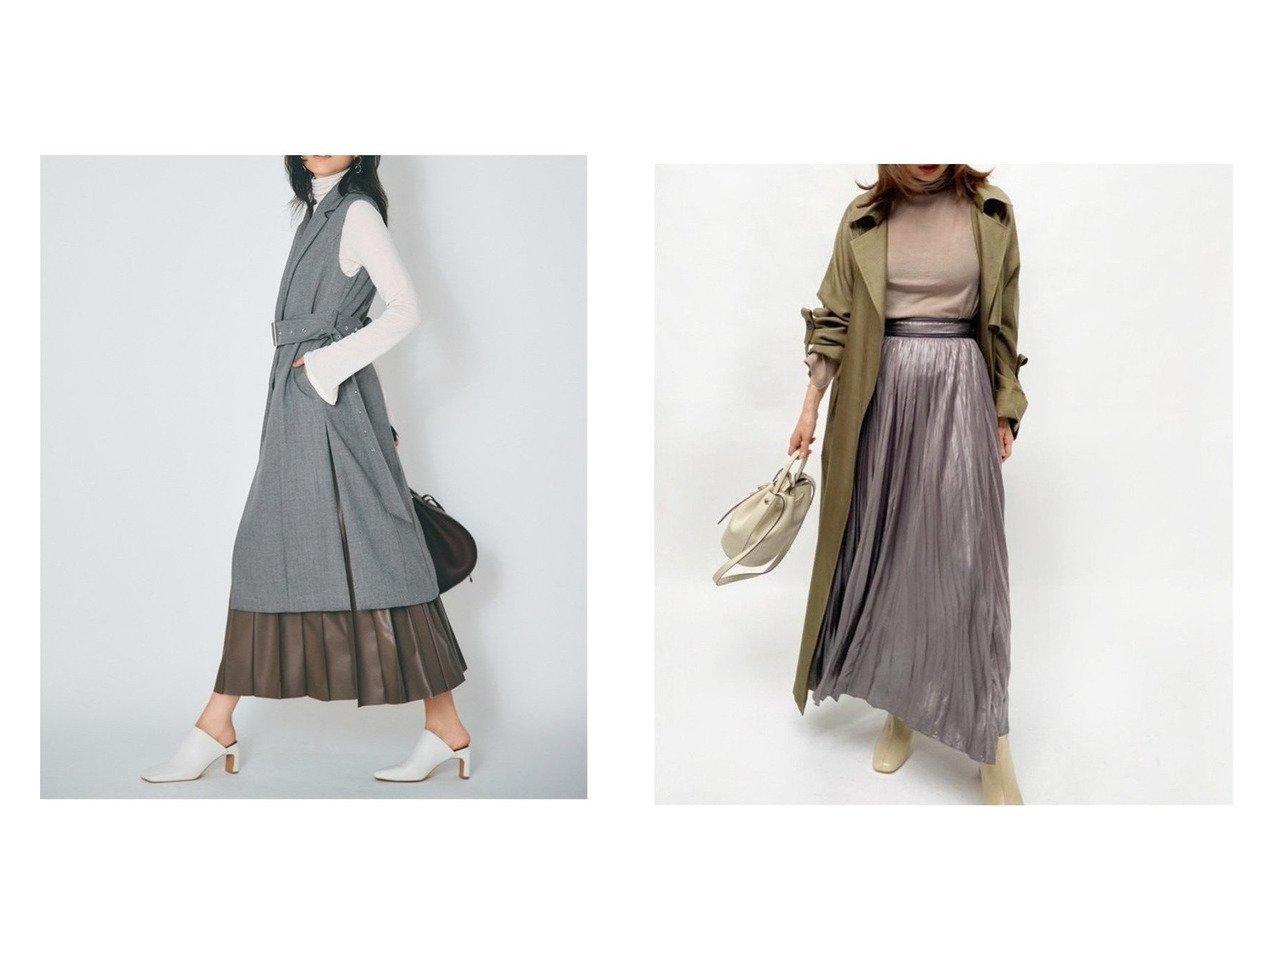 【FRAY I.D/フレイ アイディー】のレザーライクサテンプリーツSK&ピンタックプリーツレザーSK スカートのおすすめ!人気、トレンド・レディースファッションの通販  おすすめで人気の流行・トレンド、ファッションの通販商品 メンズファッション・キッズファッション・インテリア・家具・レディースファッション・服の通販 founy(ファニー) https://founy.com/ ファッション Fashion レディースファッション WOMEN スカート Skirt プリーツスカート Pleated Skirts ギャザー フェイクレザー プリーツ |ID:crp329100000009717